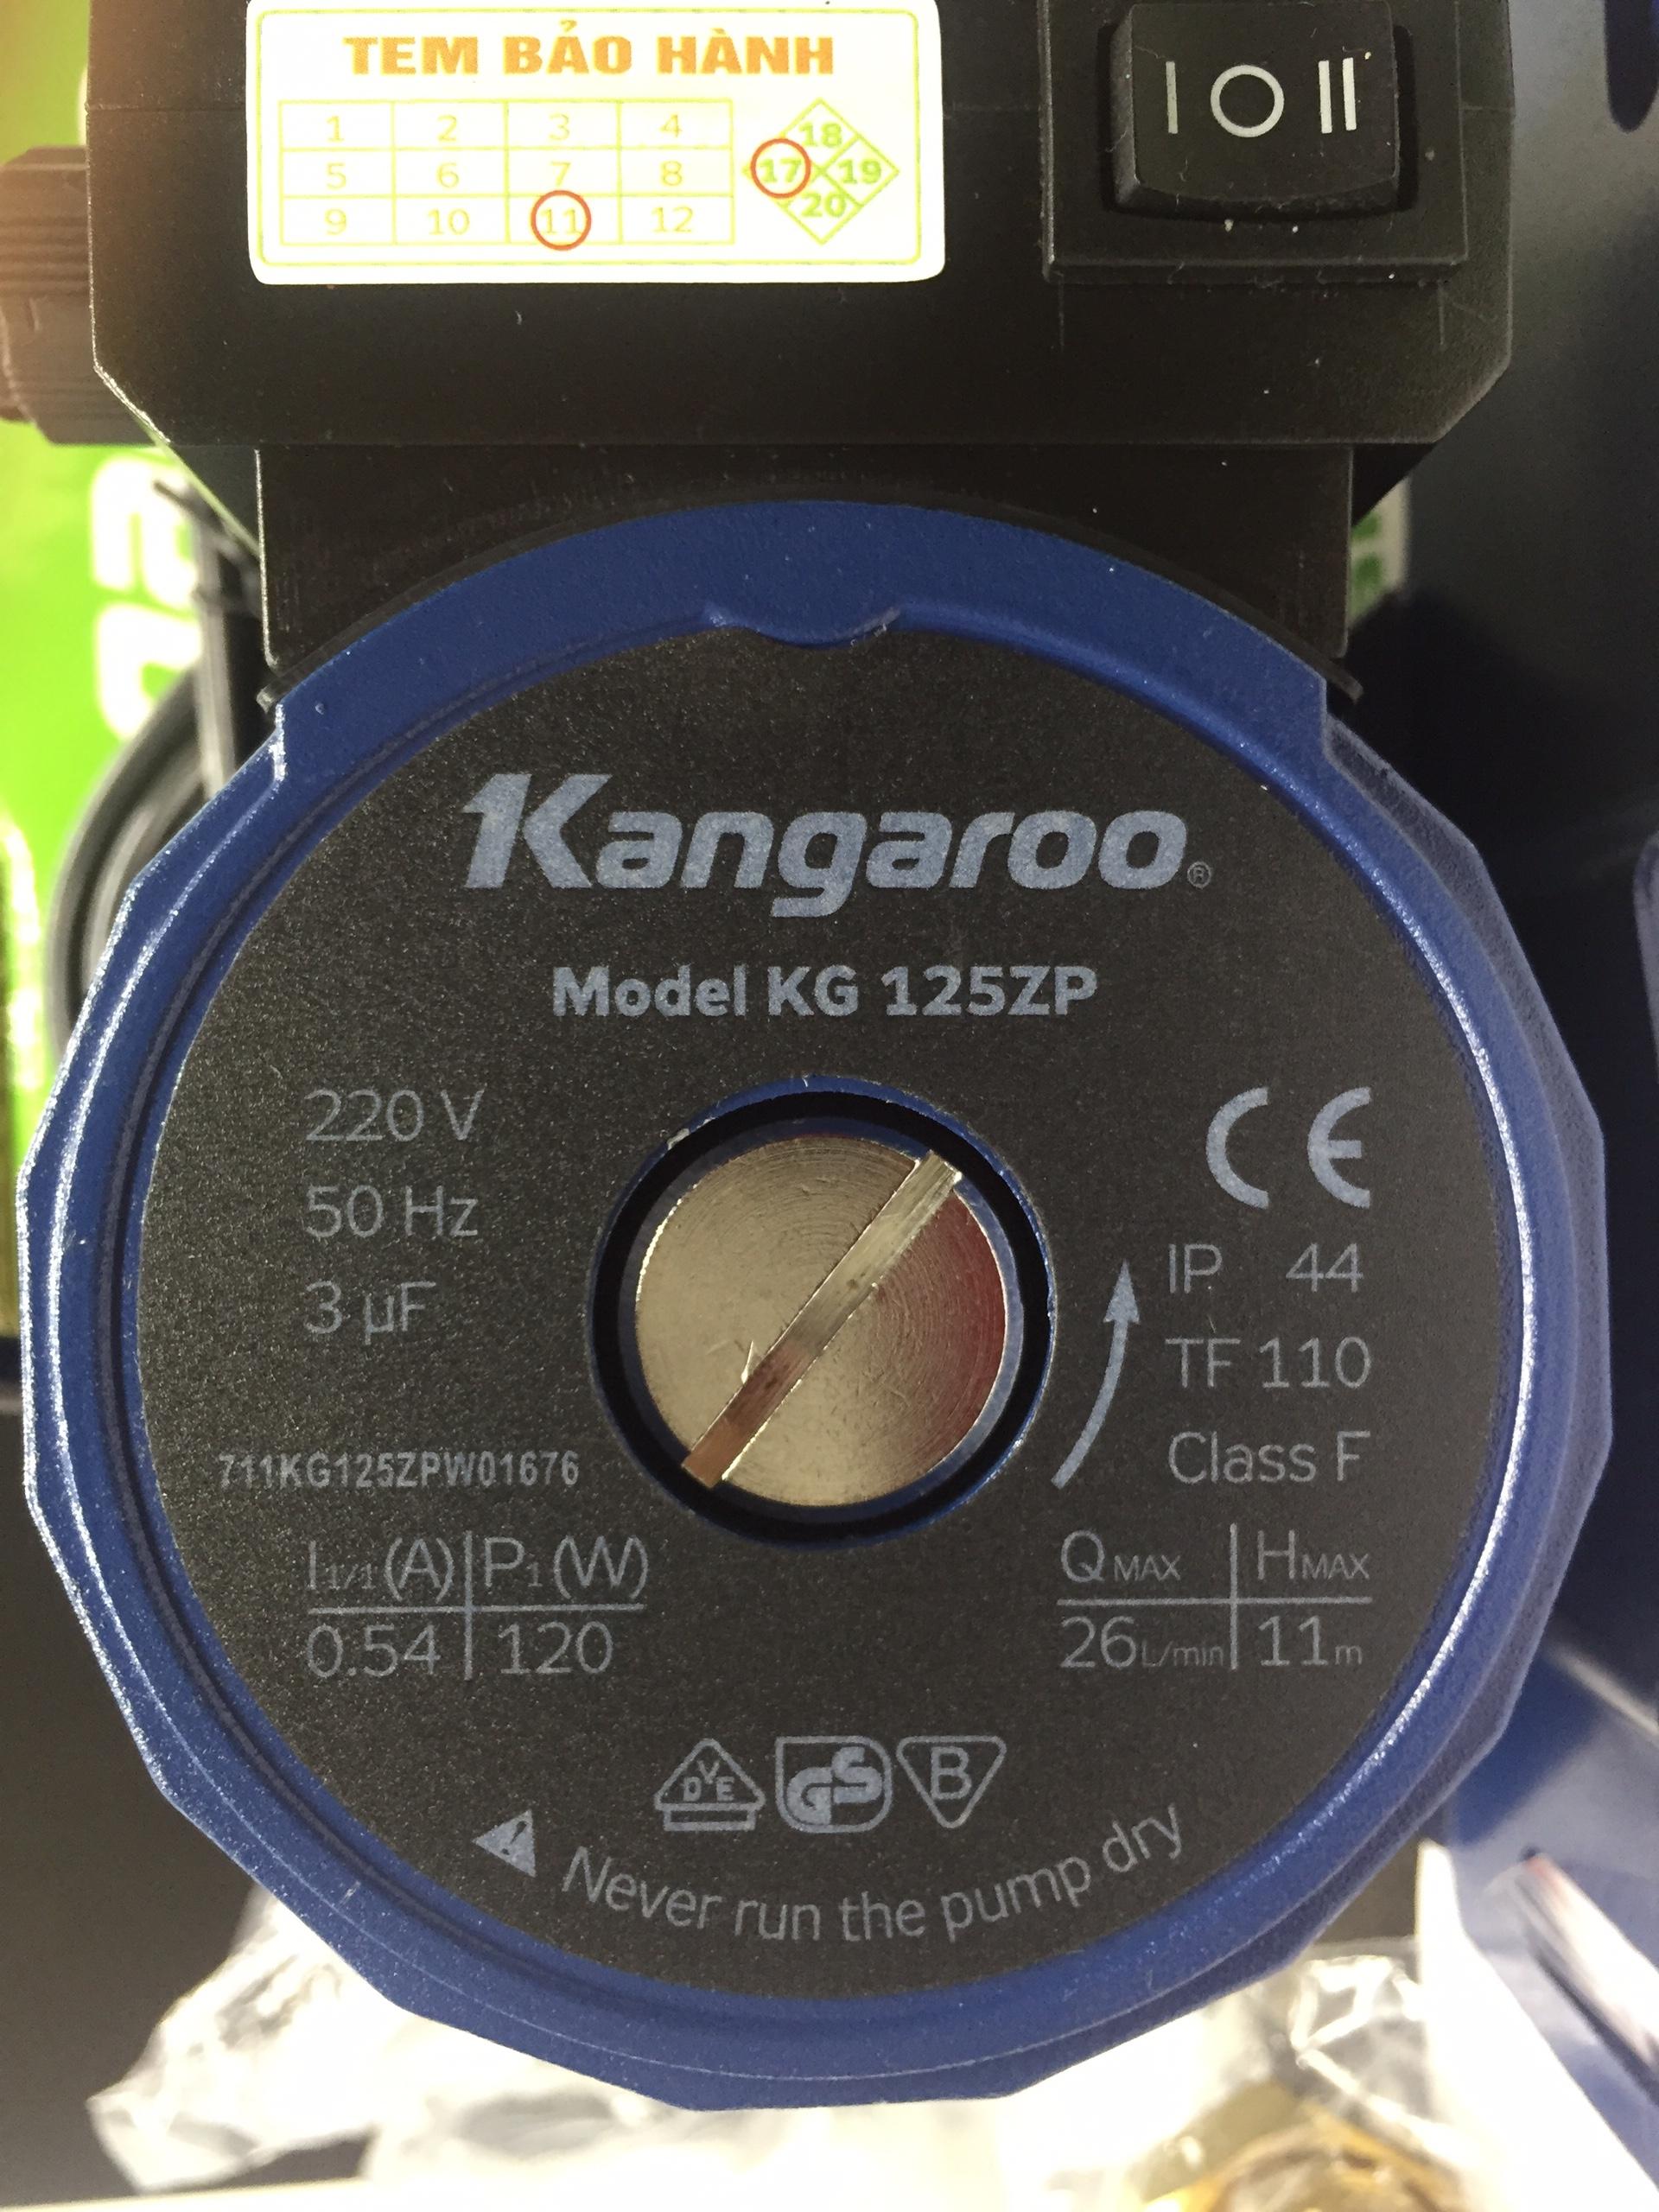 Máy bơm trợ lực nước yếu - Kangaroo KG125ZP   Tự động tăng áp - Dùng cho sen vòi, máy giặt